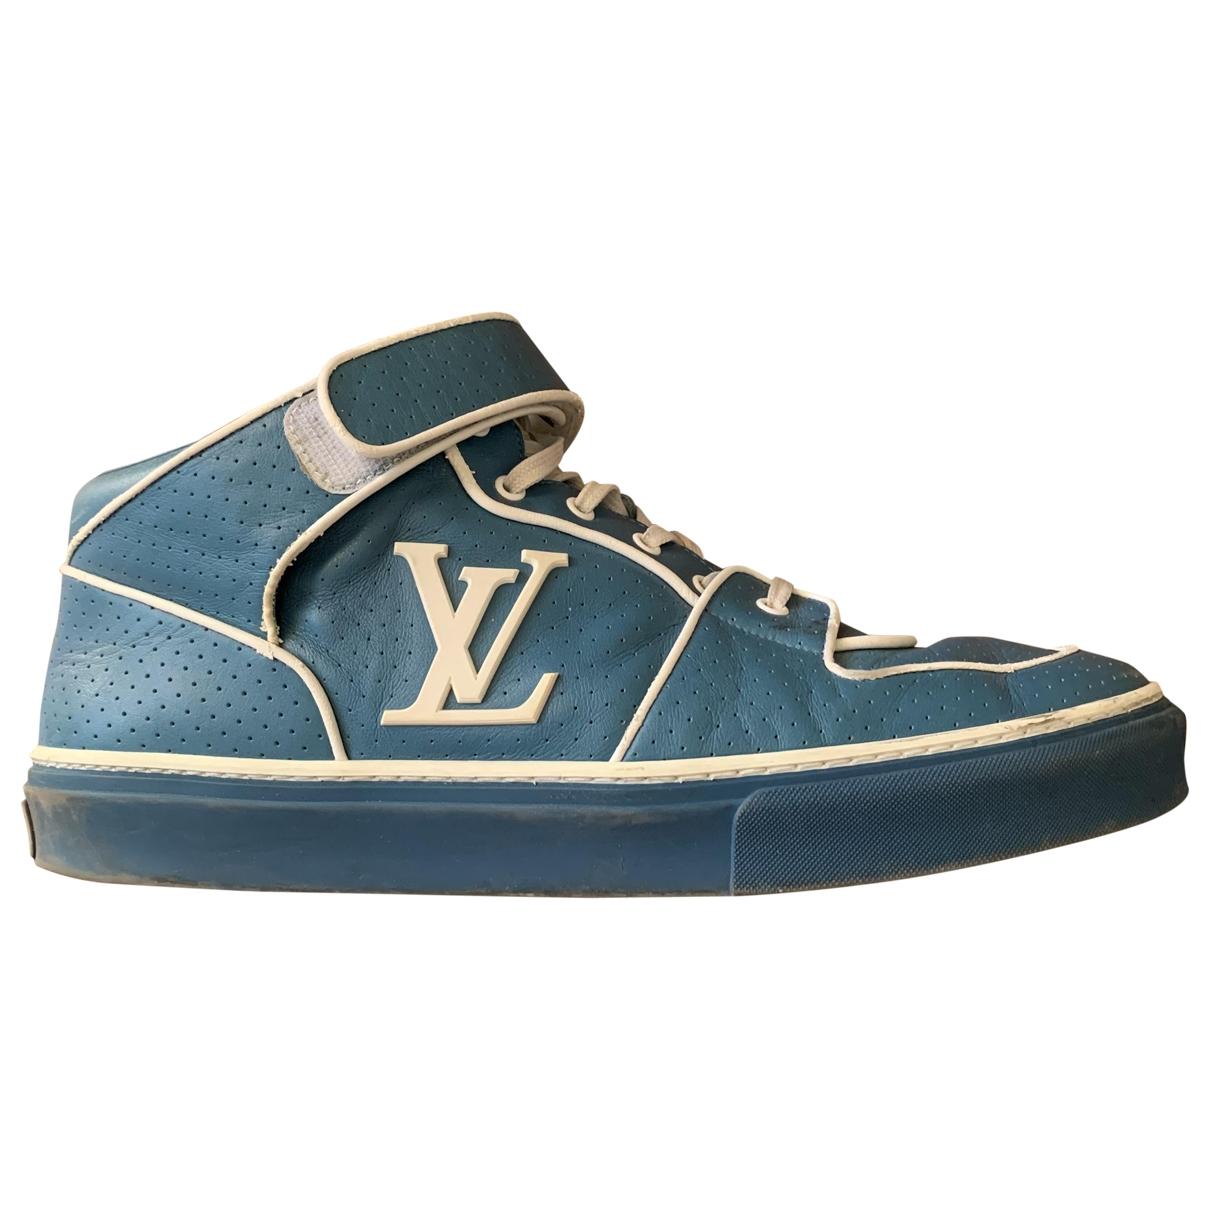 Louis Vuitton - Baskets   pour homme en cuir - bleu